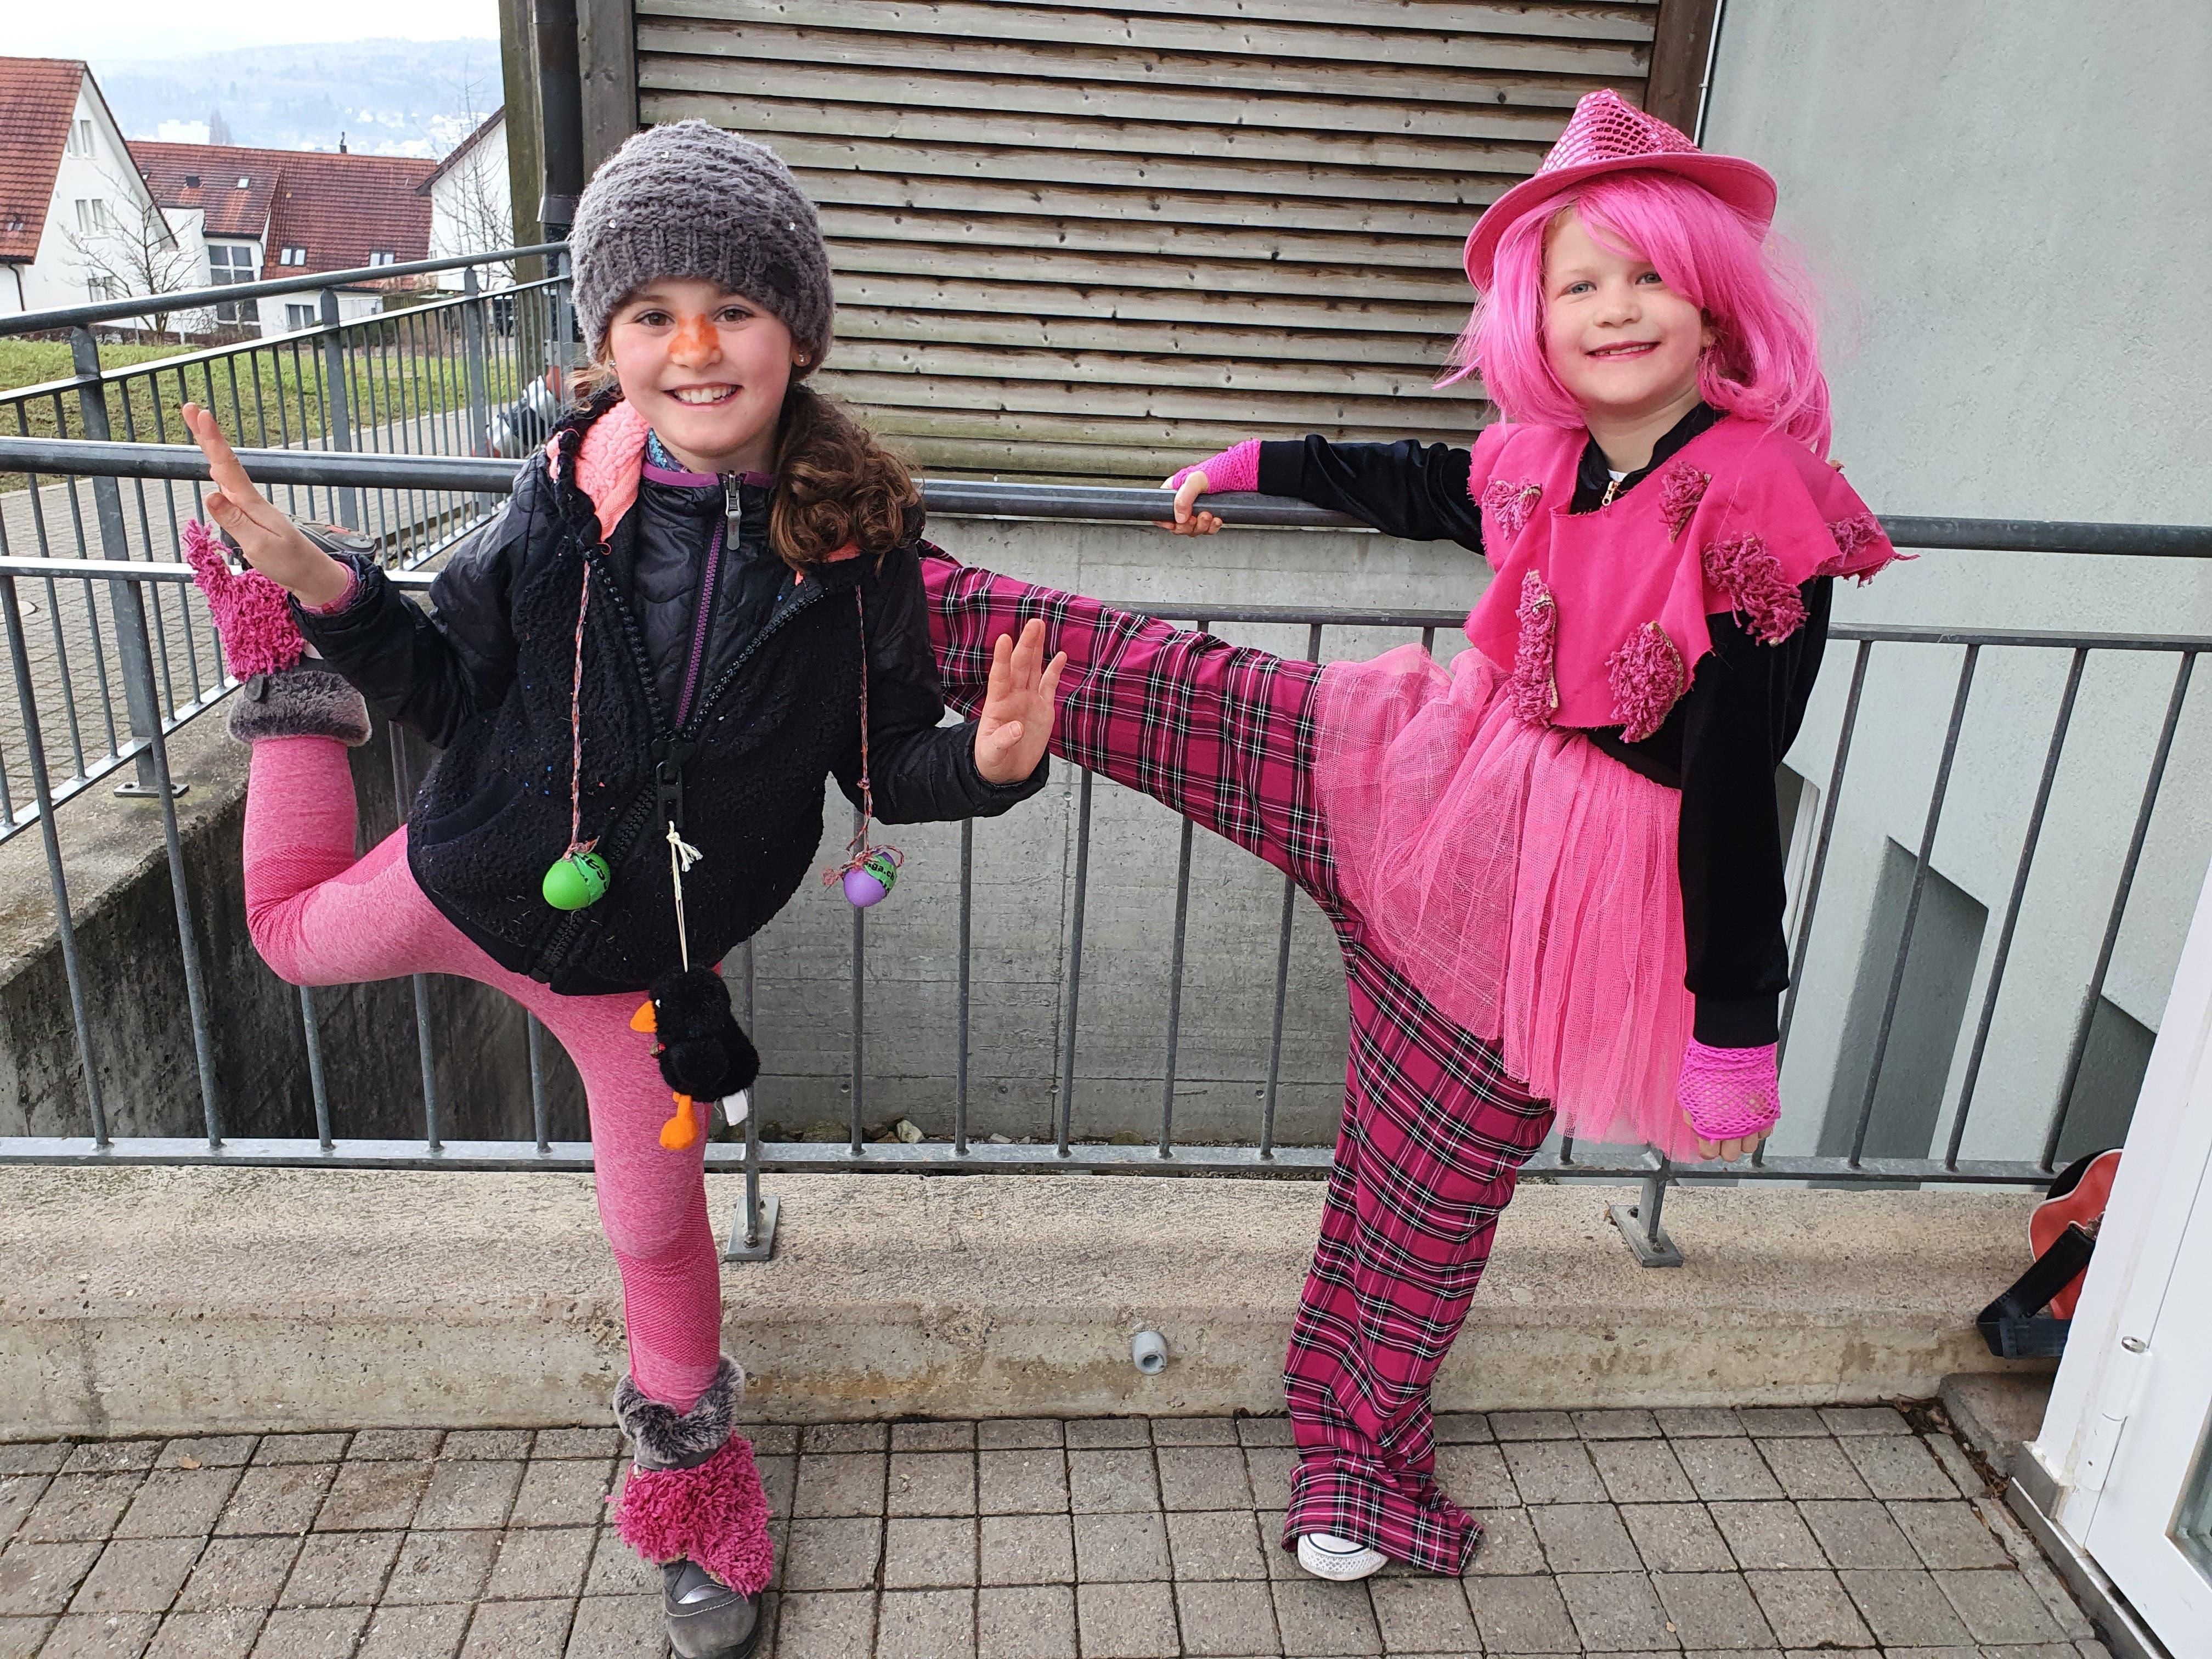 Farblich und bewegungstechnisch haben sich die beiden Mädchen gut aufeinander absgestimmt.